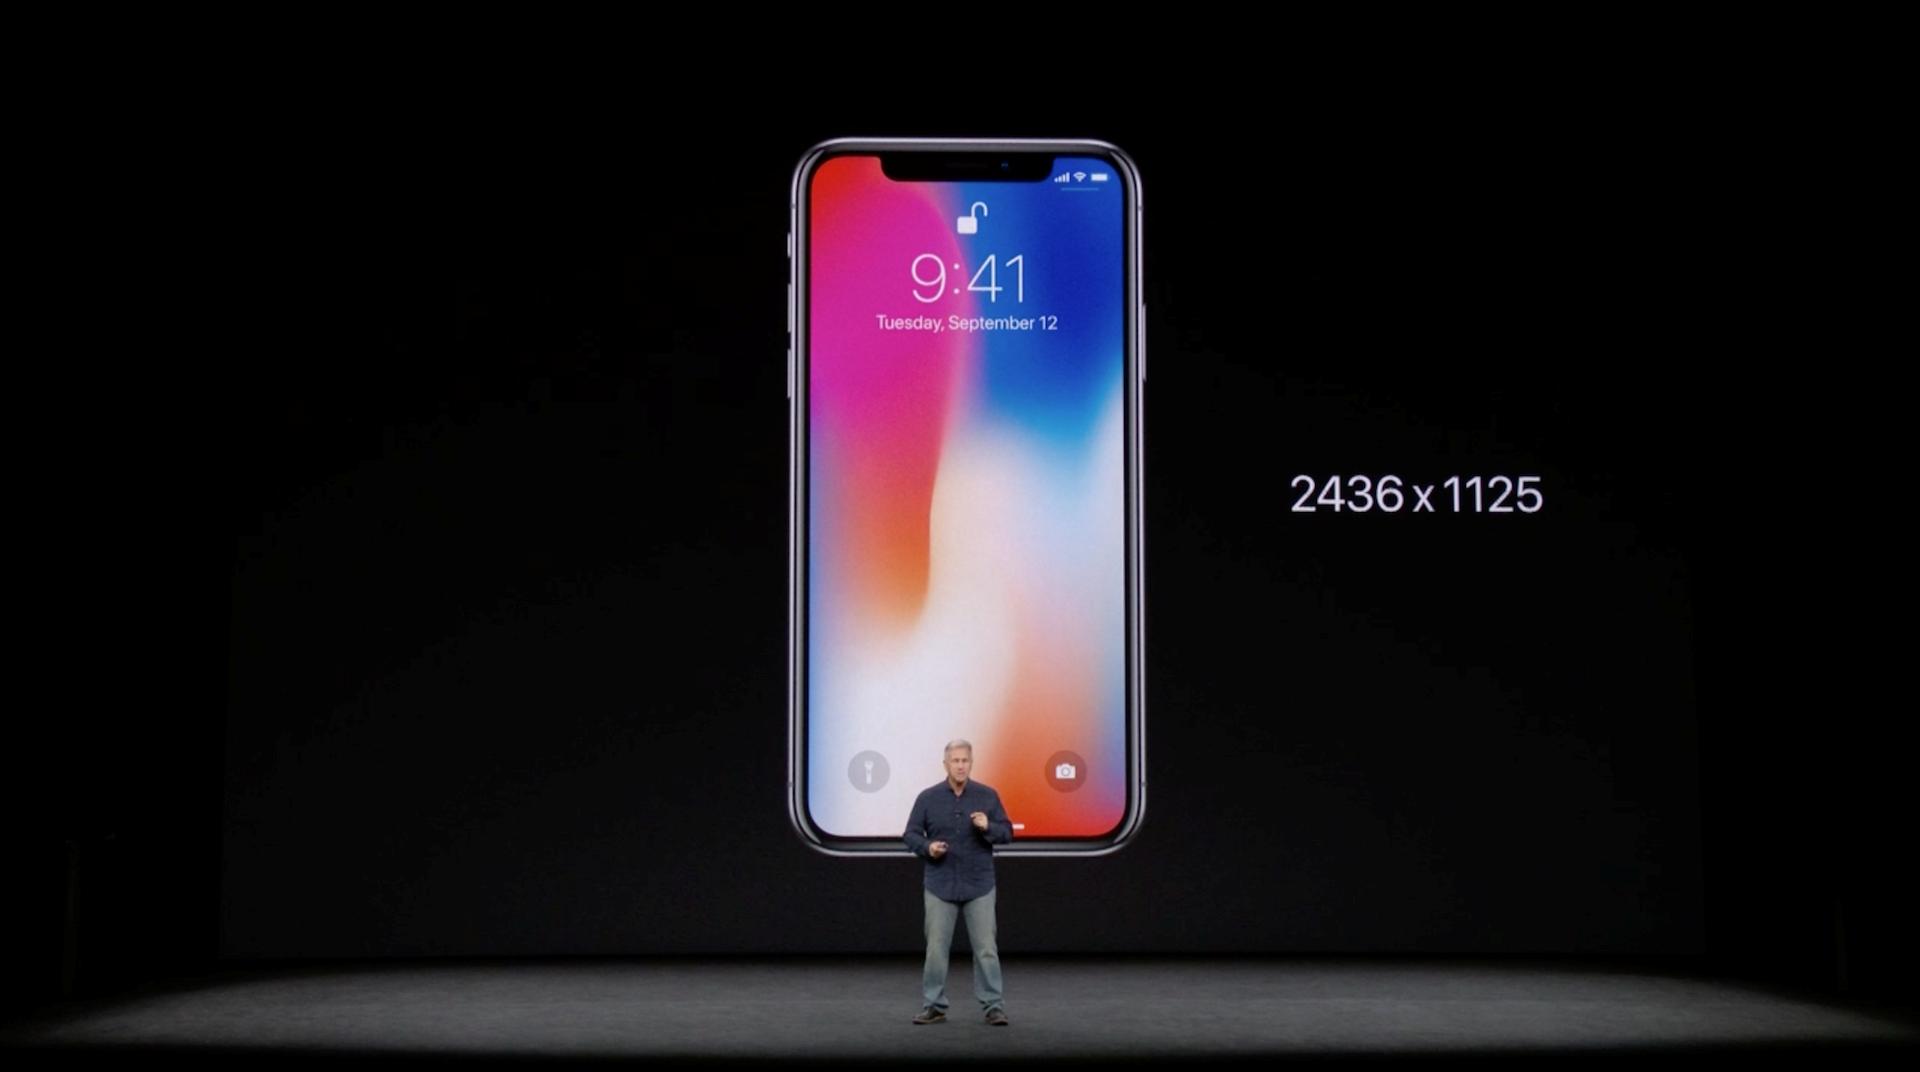 Hình ảnh iPhone X chính thức ra mắt: viền siêu mỏng, nhận diện mặt 3D số 4